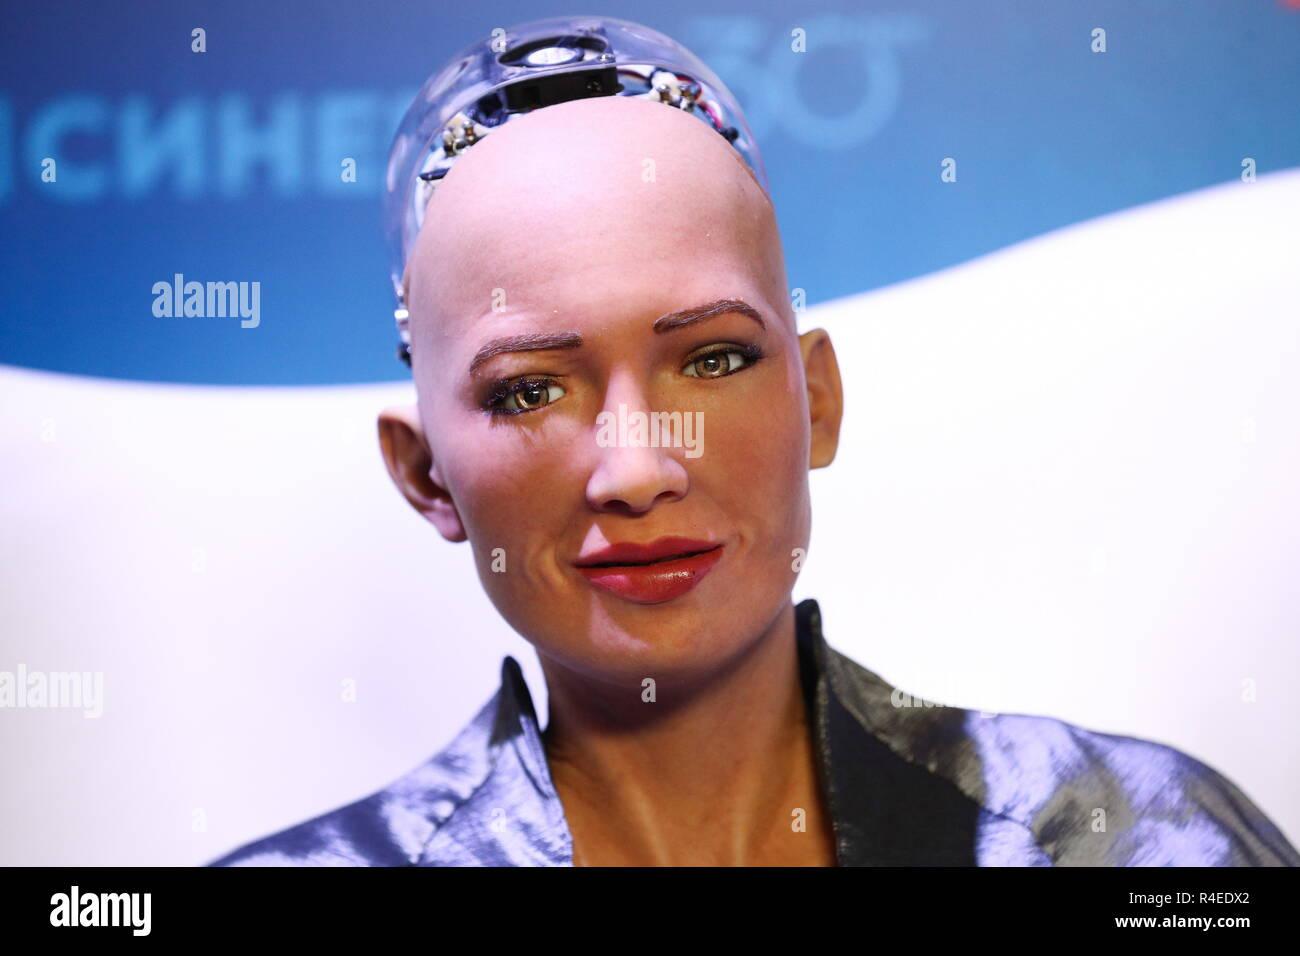 Moscú, Rusia. 27 Nov, 2018. Moscú, Rusia - Noviembre 27, 2018: Sophia sociales robot humanoide desarrollado por la compañía con sede en Hong Kong, Hanson Robotics en el 2018 Synergy foro mundial en Moscú Olimpiysky Arena. Mikhail Tereshchenko/TASS Crédito: Agencia de Noticias ITAR-TASS/Alamy Live News Imagen De Stock